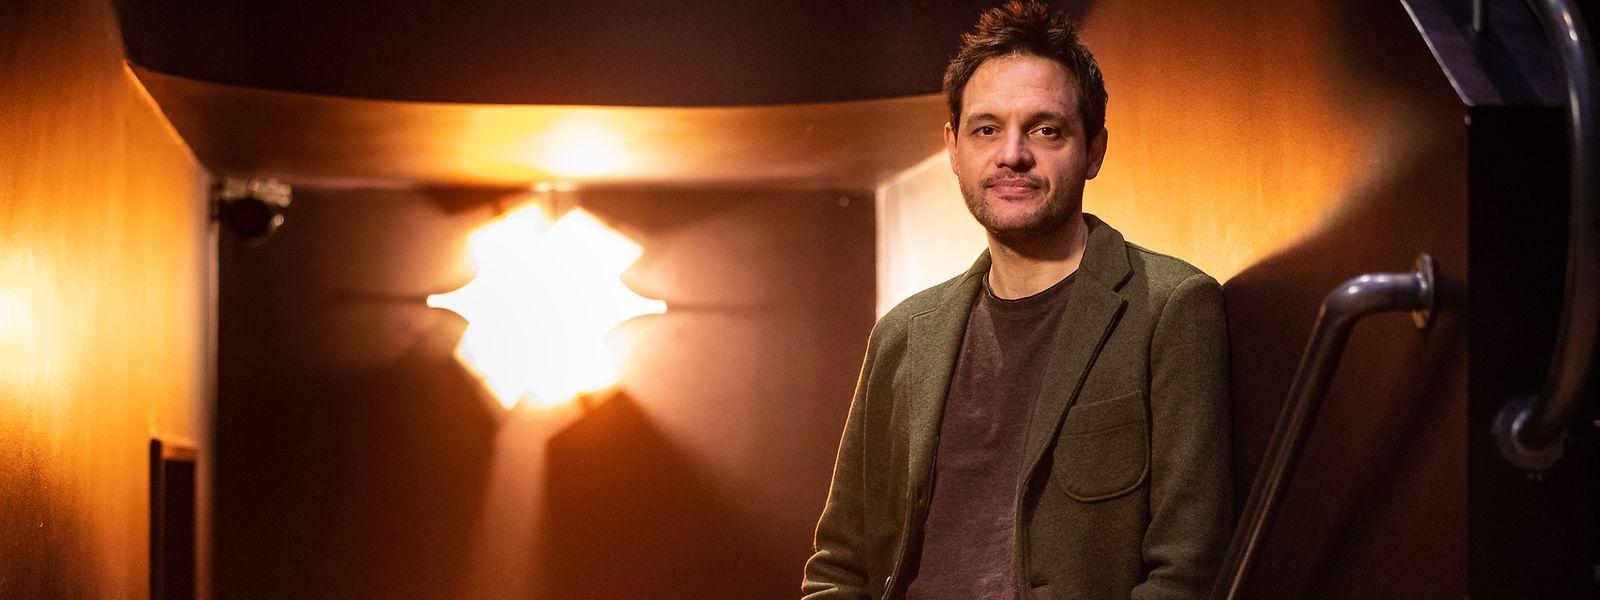 Le réalisateur italien Filippo Meneghetti a longtemps attendu avant de faire son premier long métrage: «Avant, je n'avais pas compris ce que je voulais raconter».